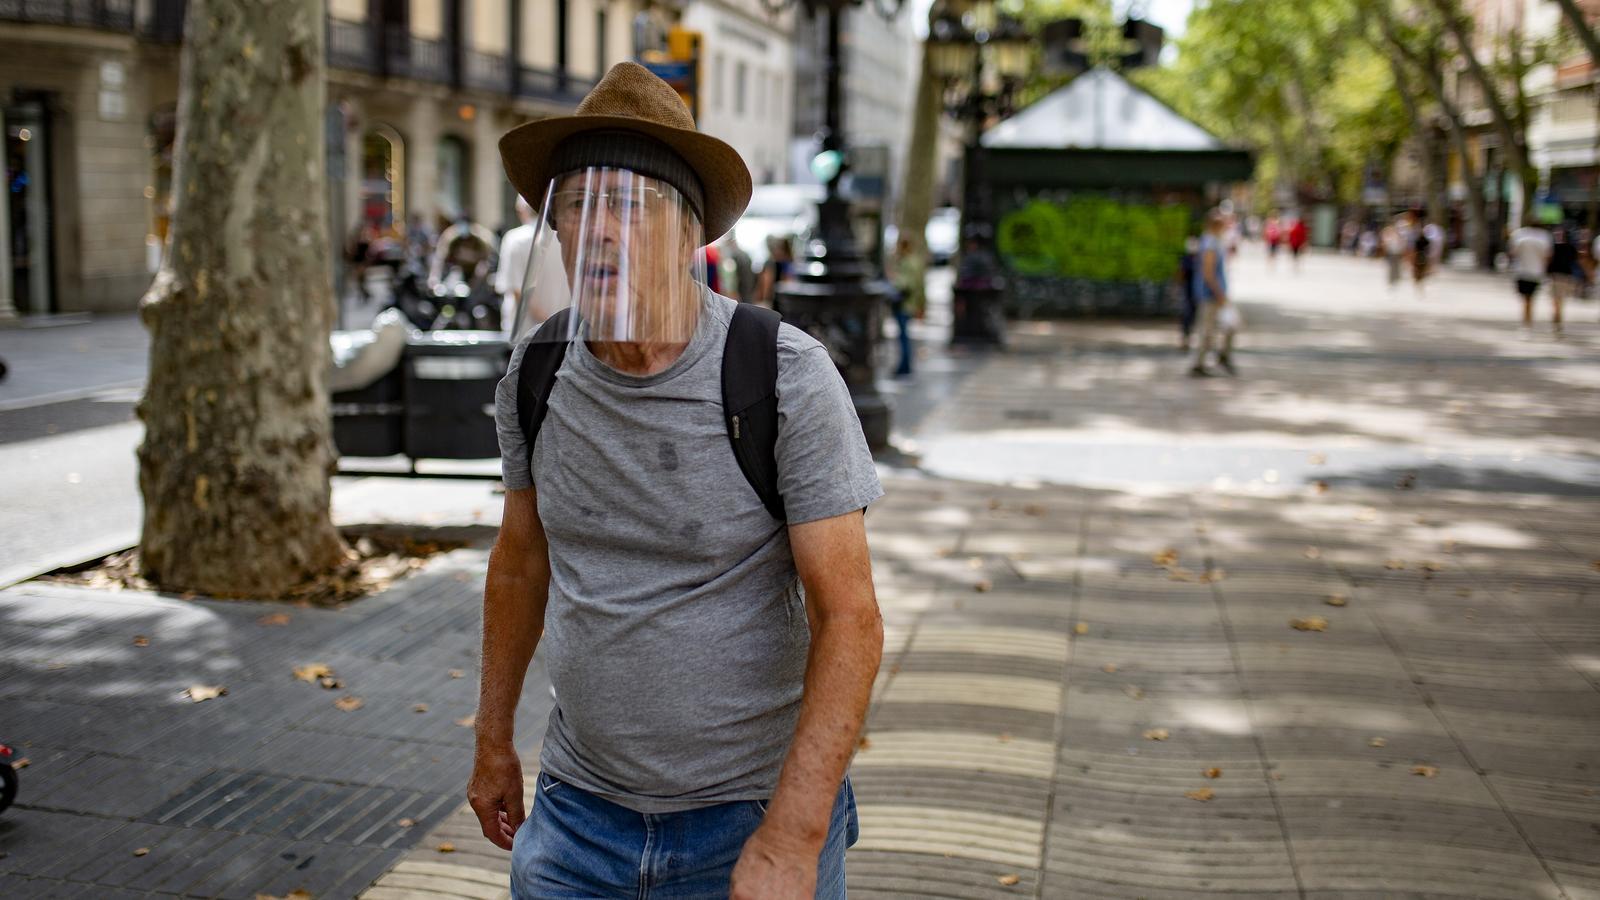 El Govern demana no sortir de casa a Barcelona i altres municipis